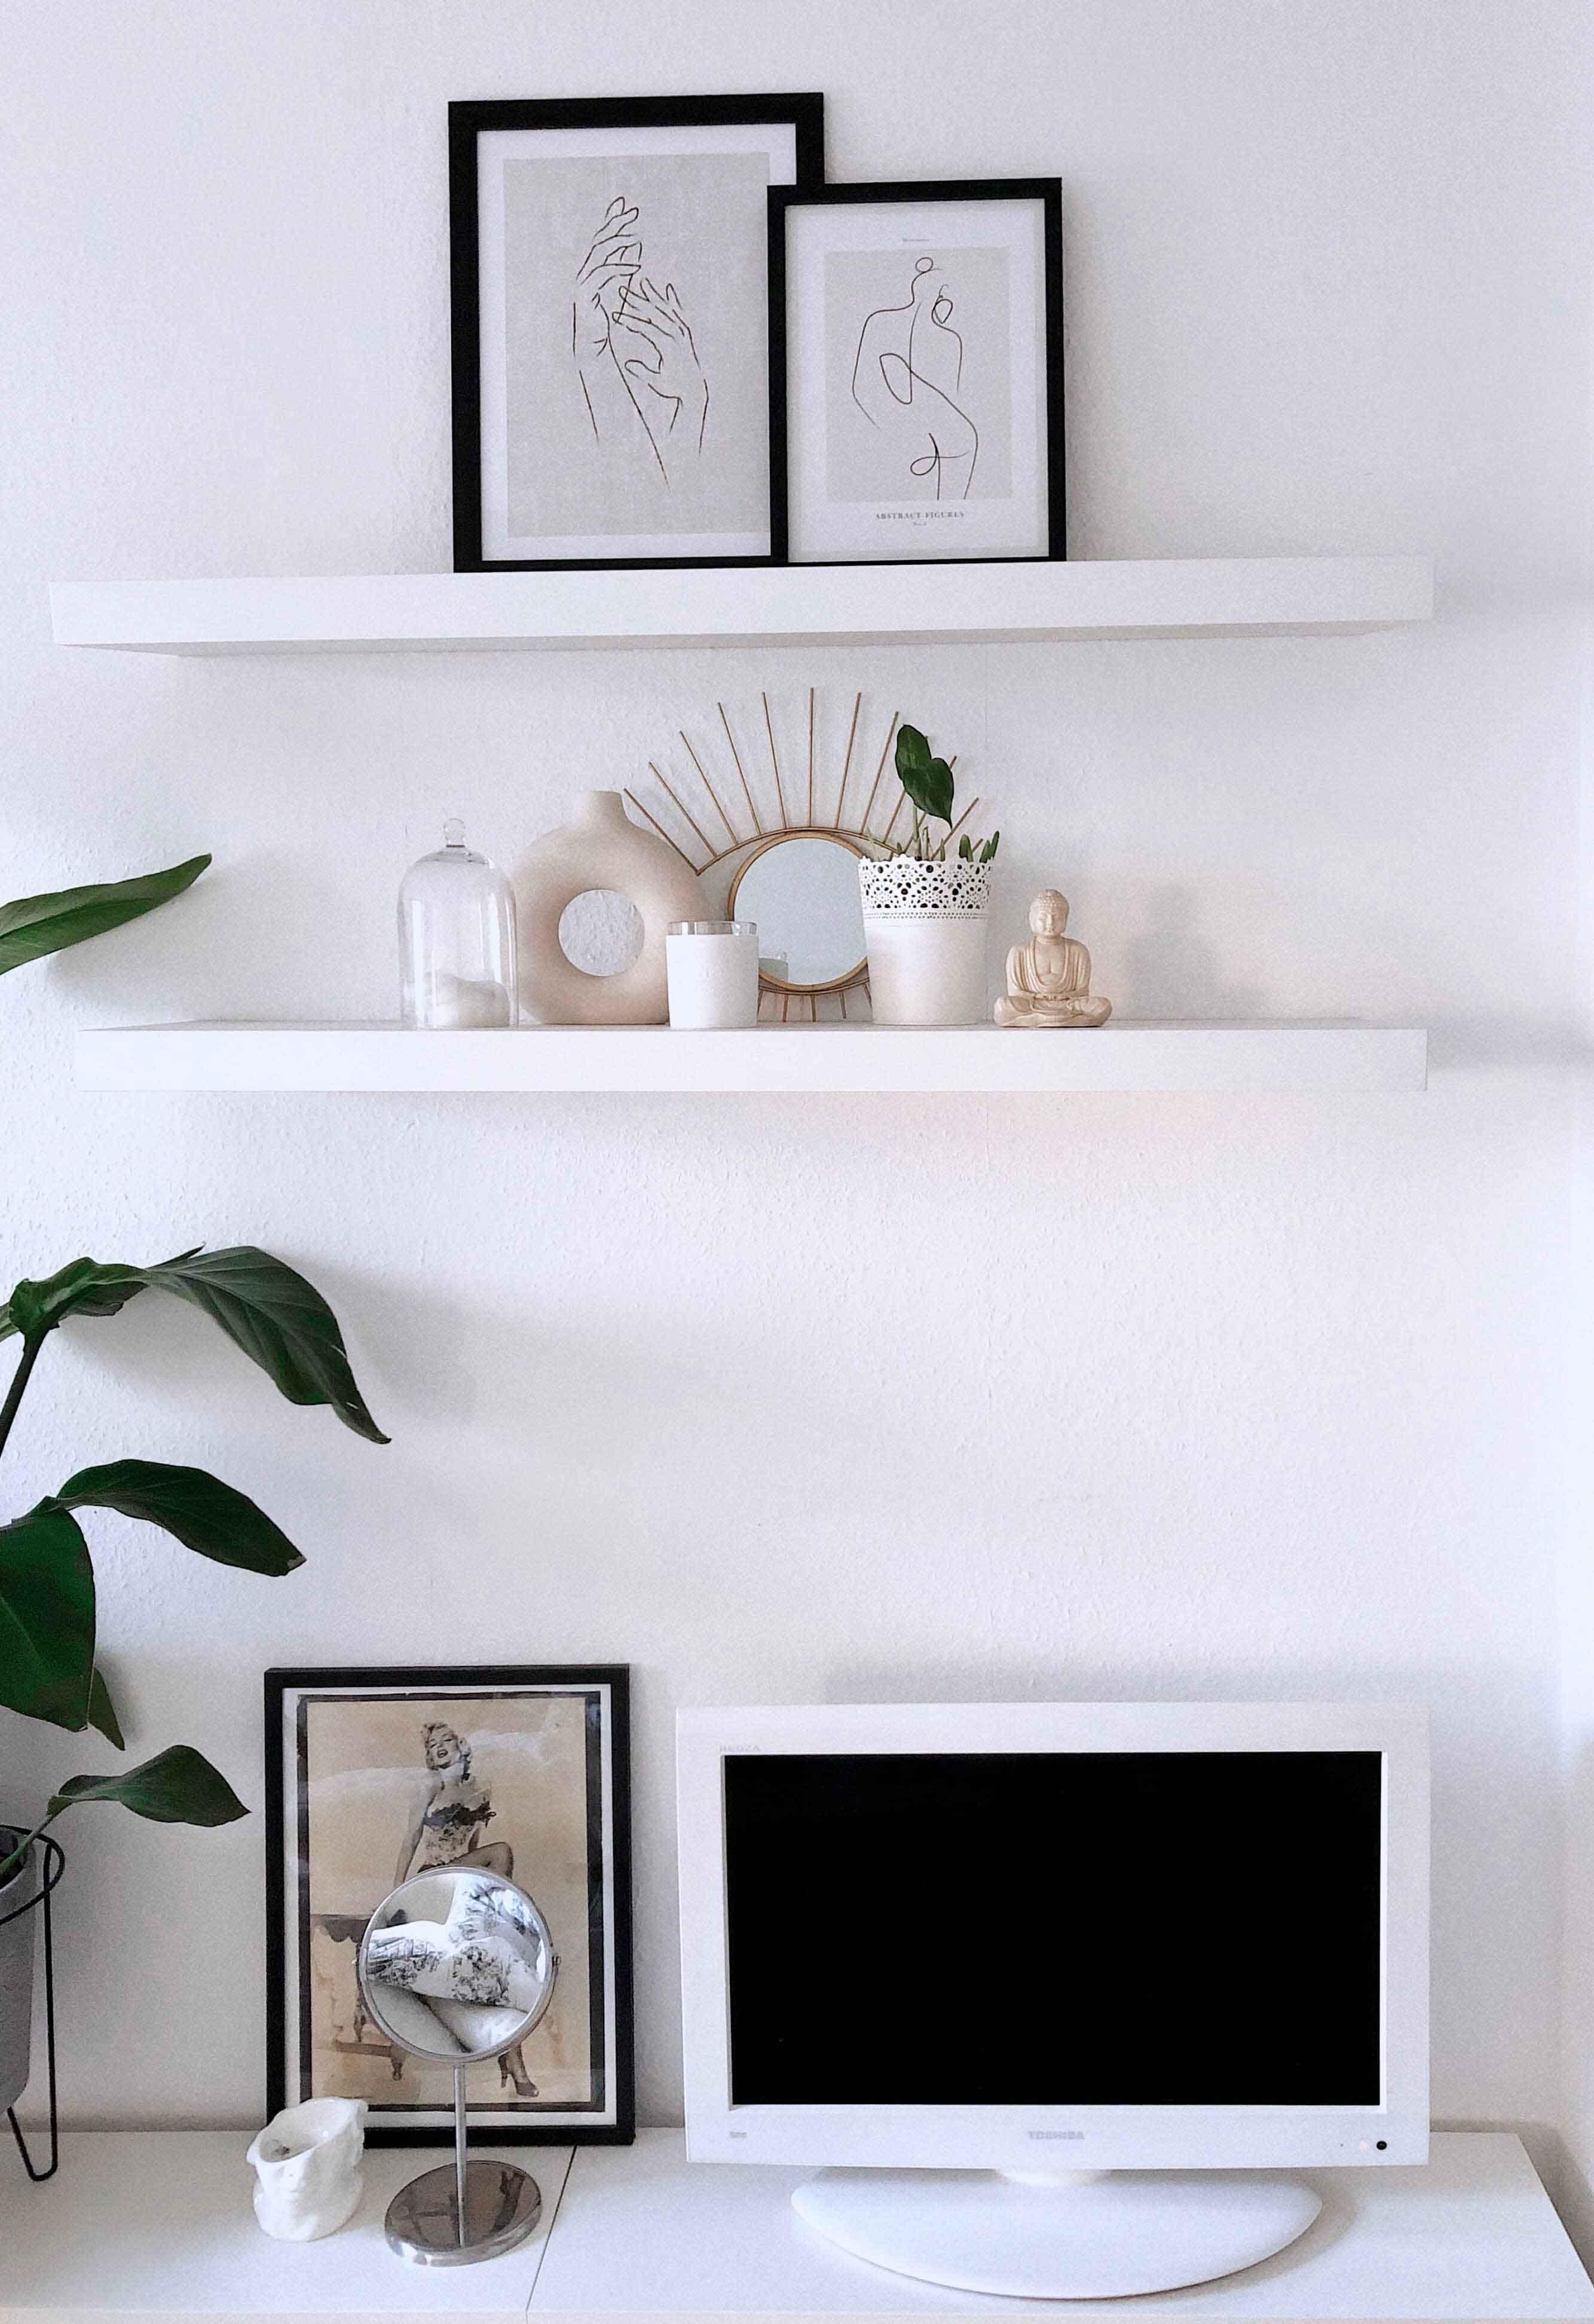 Homestories - Bei Lesern Zuhause - Homestory: Bei Colette dominiert Weiß- so geht's einfach desmondo